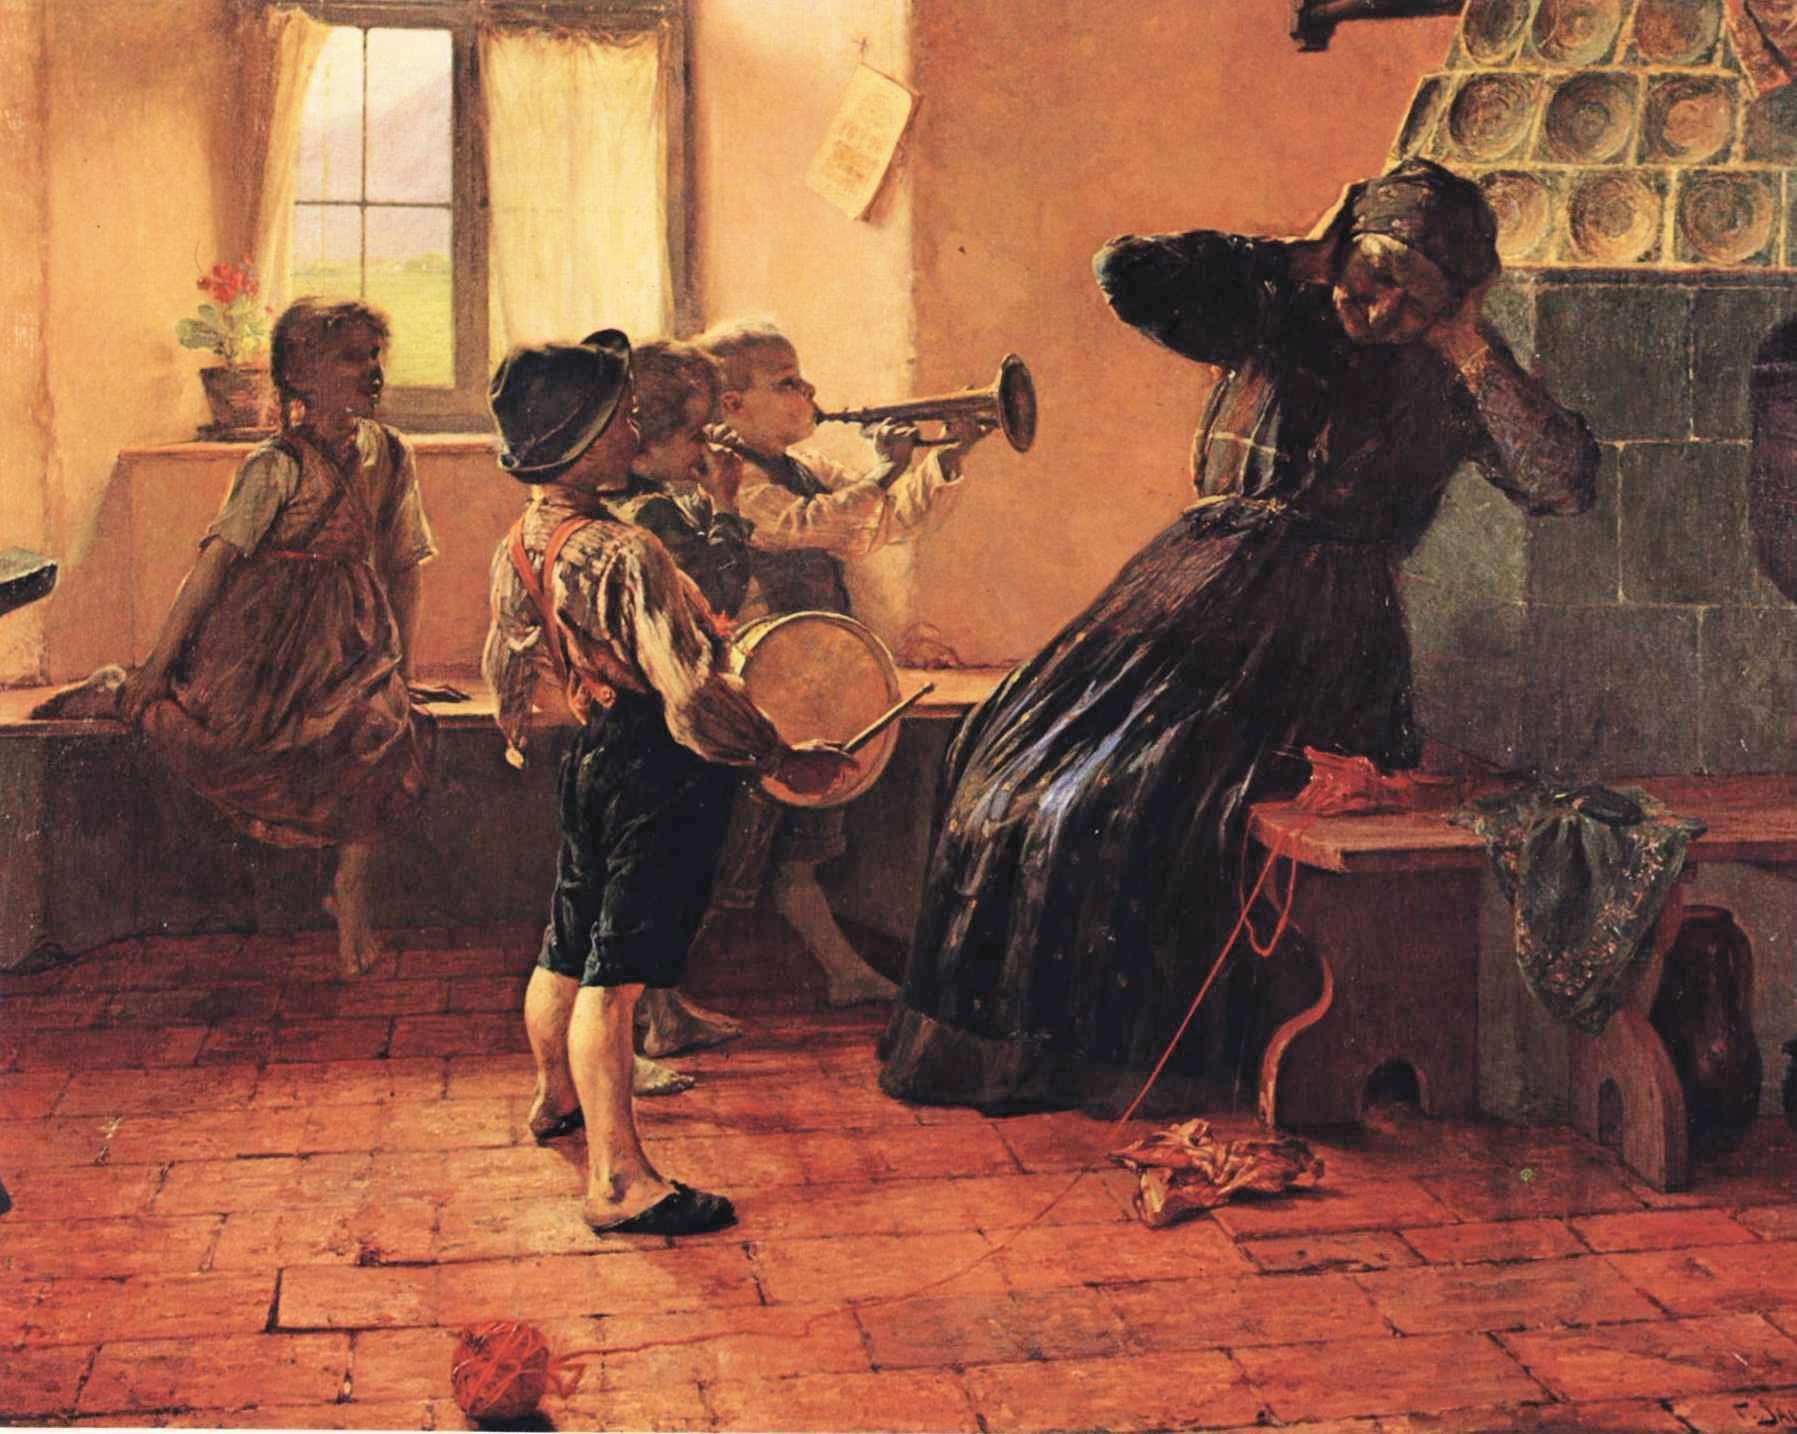 Γ. Ιακωβίδης, Παιδική Συναυλία (1894). Λάδι σε μουσαμά, 176 εκ. x 250 εκ. Εθνική Πινακοθήκη